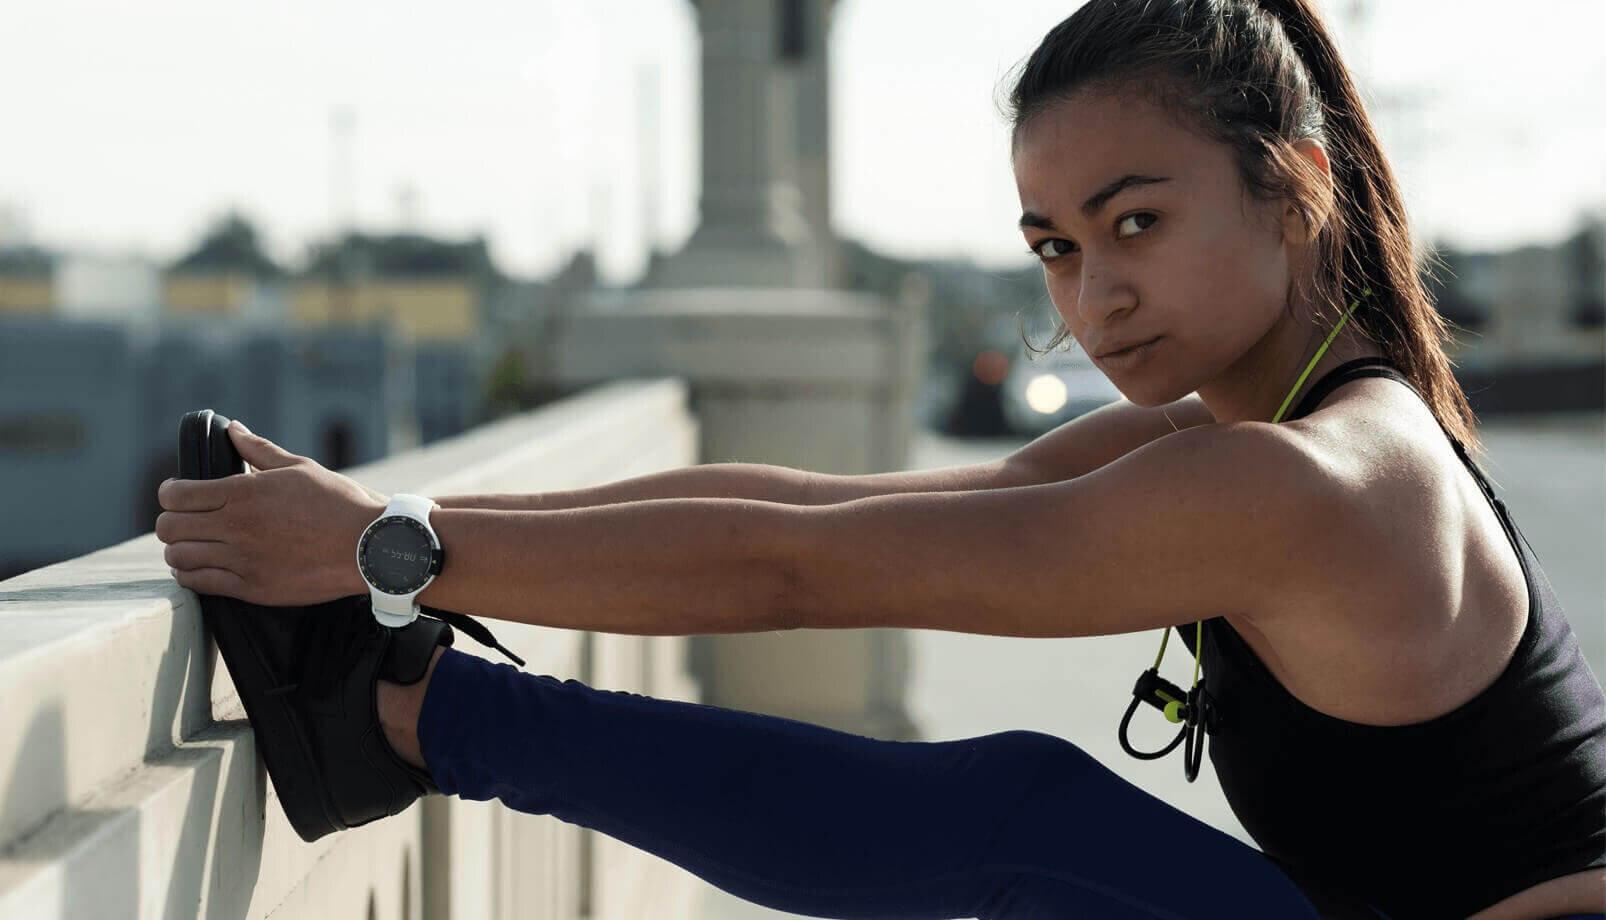 Ticwatch S - sản phẩm phù hợp cho những người bận rộn